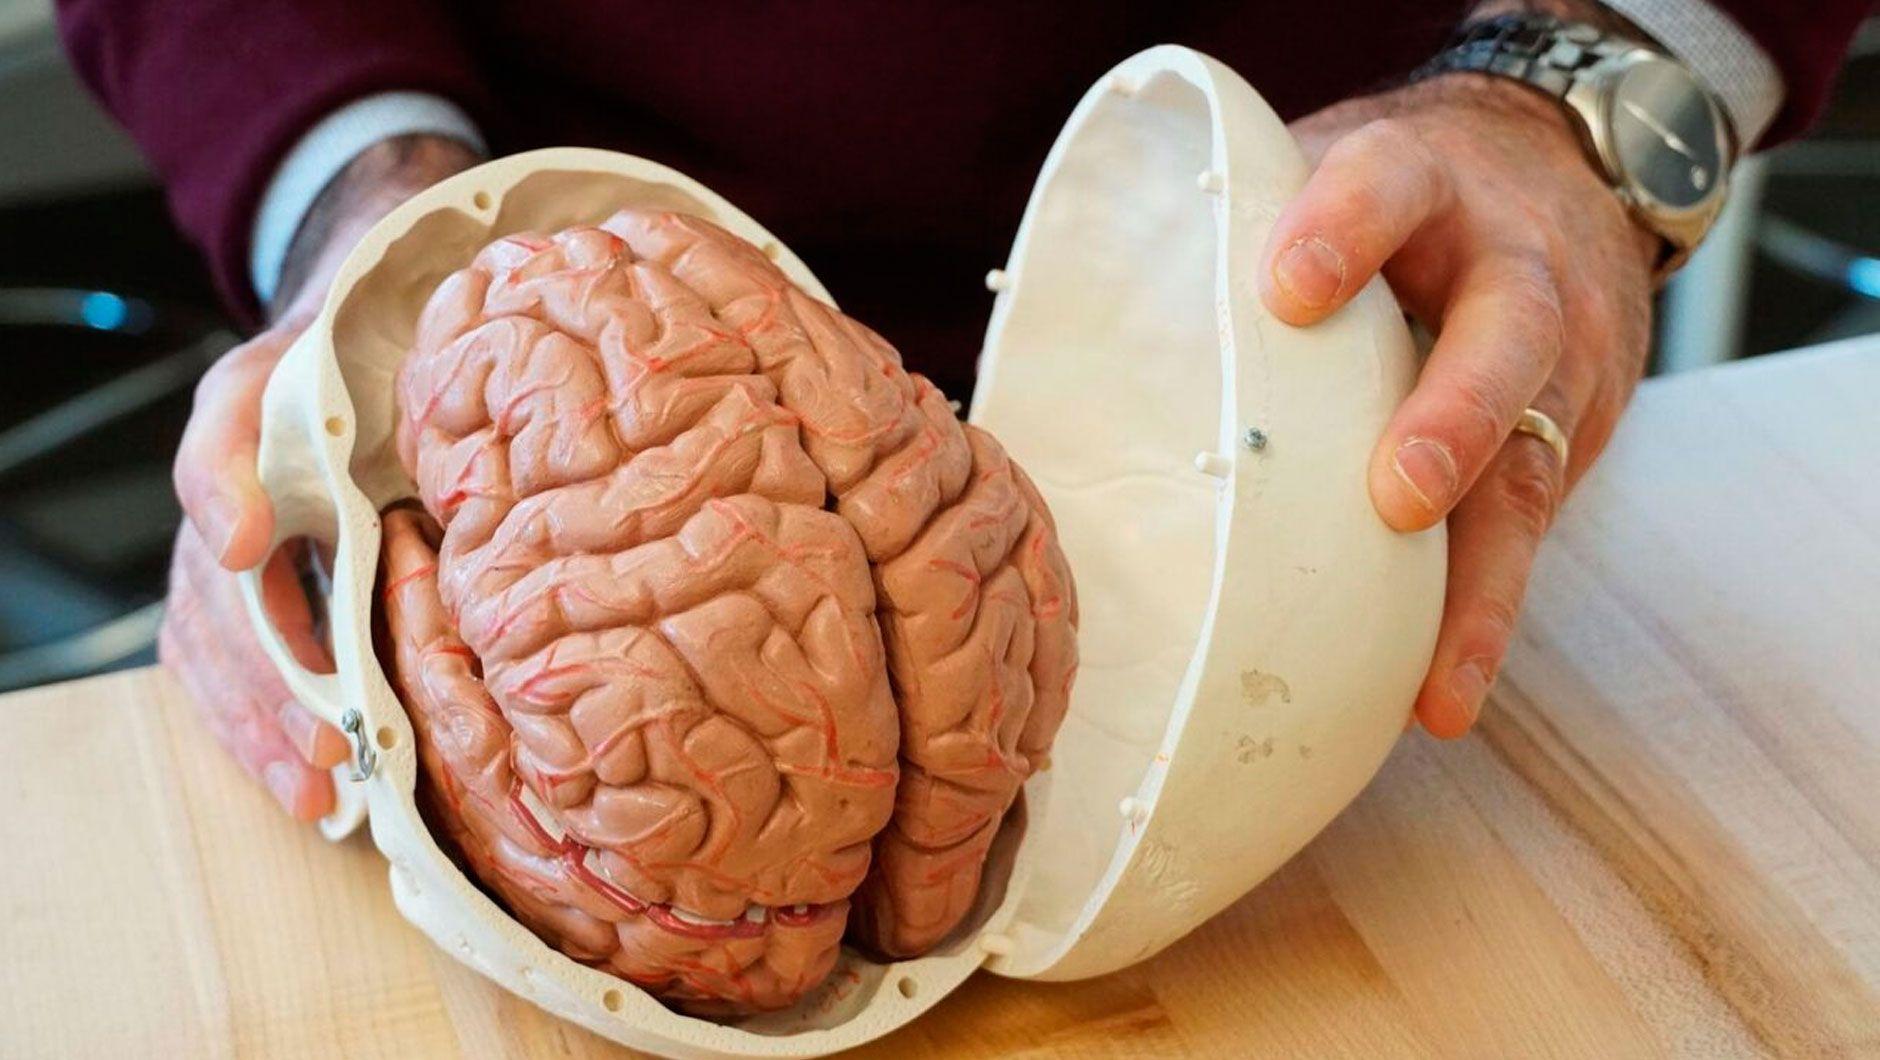 İnsanın 3 beyni var, onlar birlikdə işləyir   - Neyrobiologiyada SENSASİYA